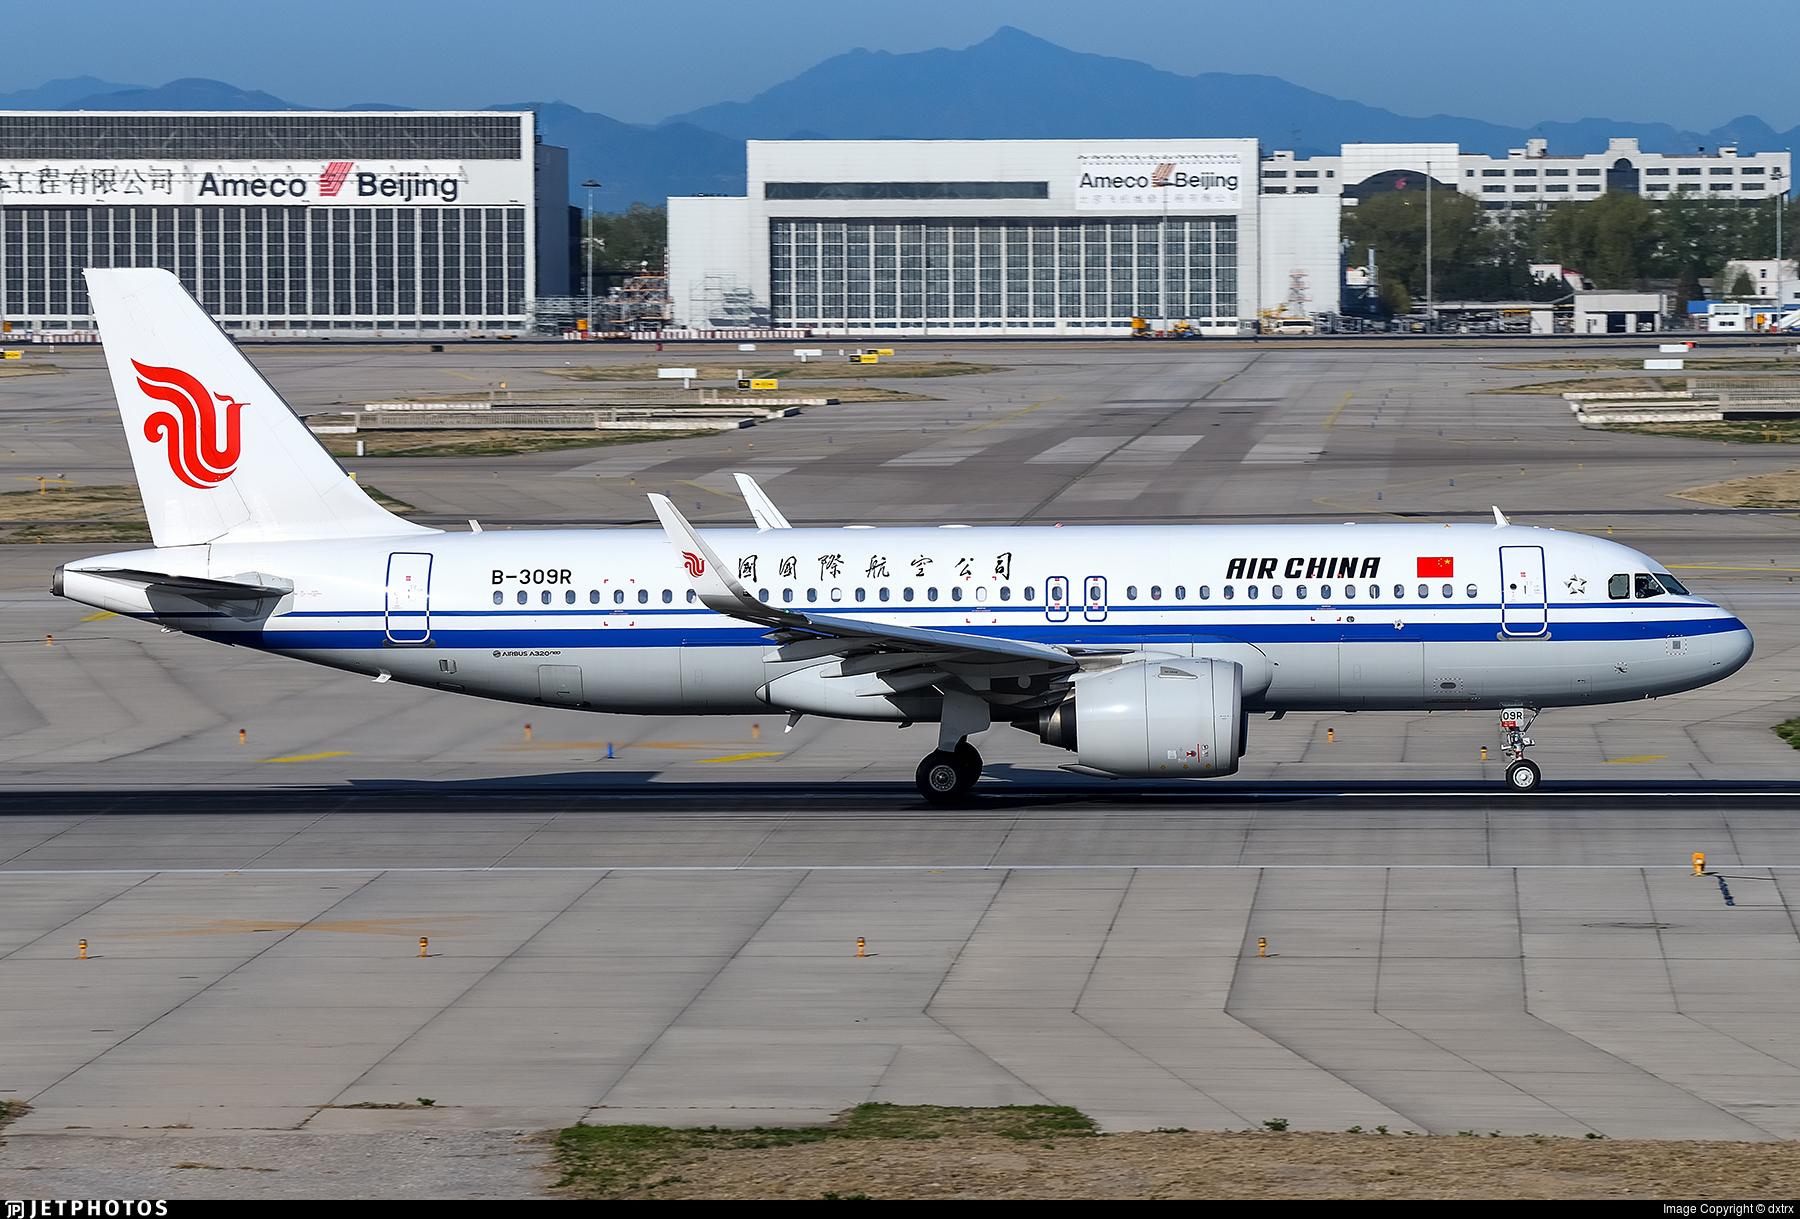 B-309R - Airbus A320-271N - Air China